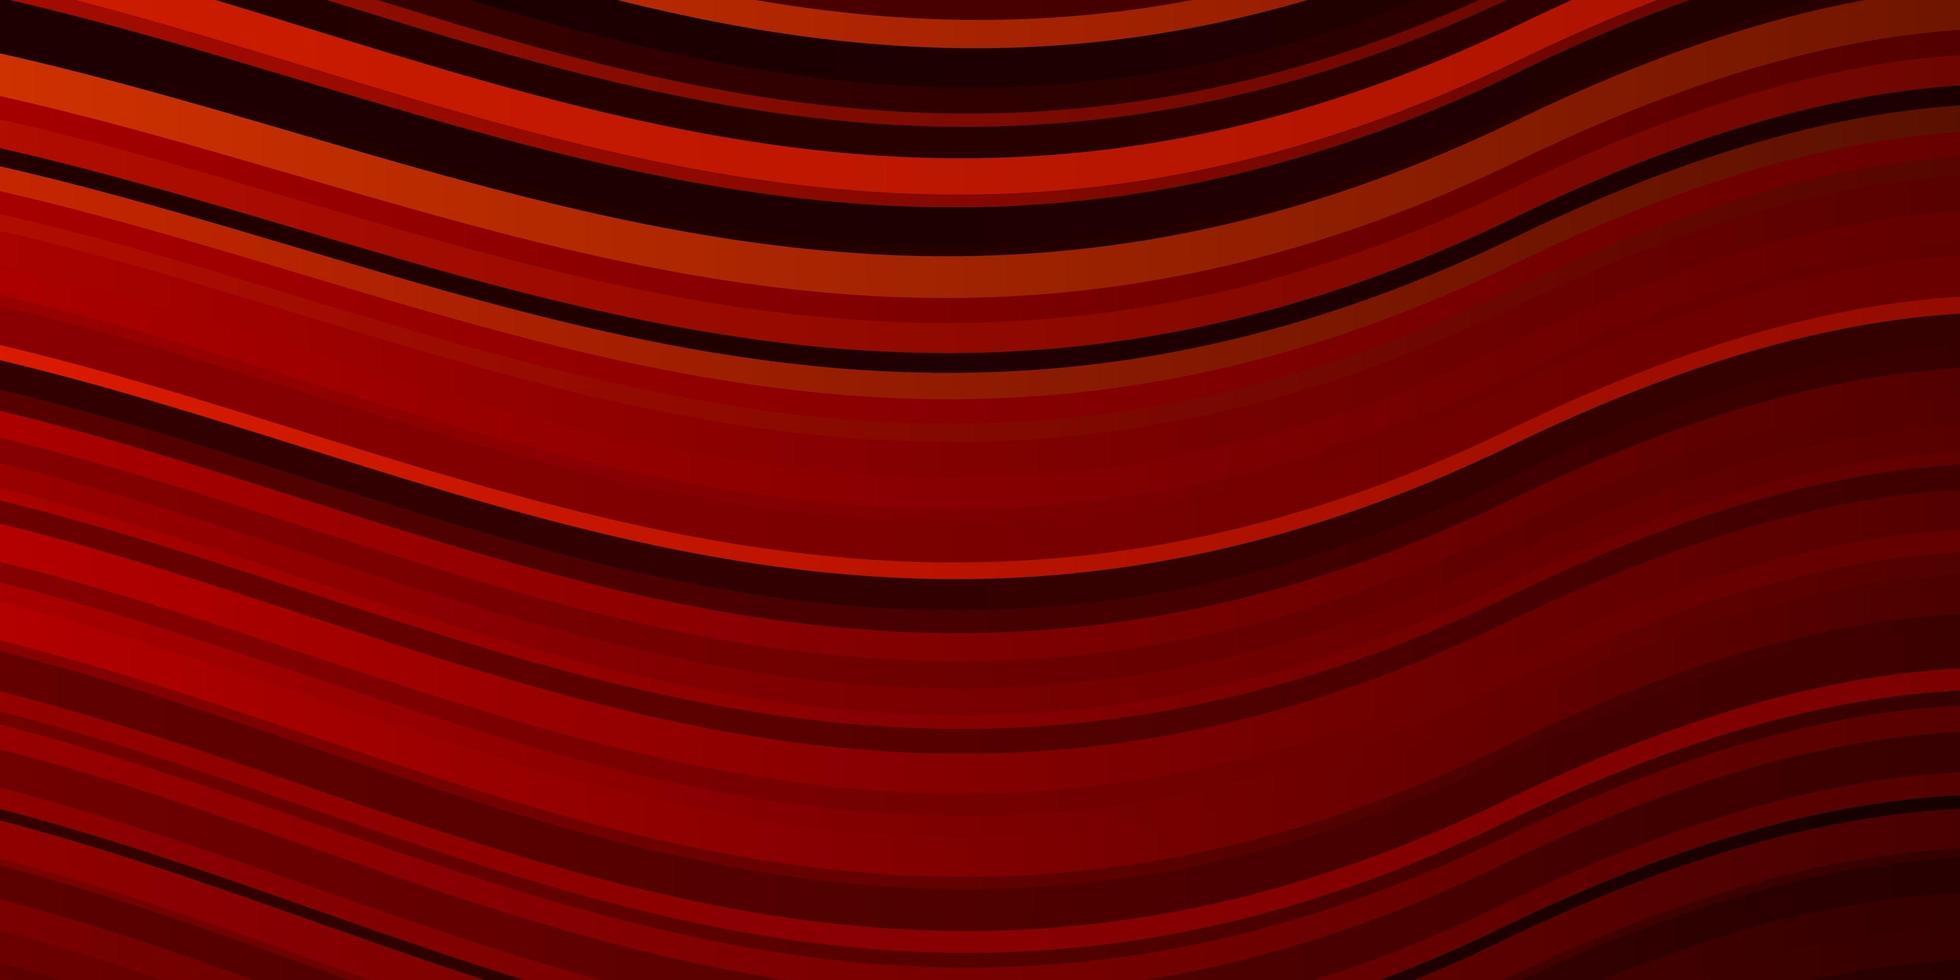 mörk röd vektor bakgrund med cirkulär båge.